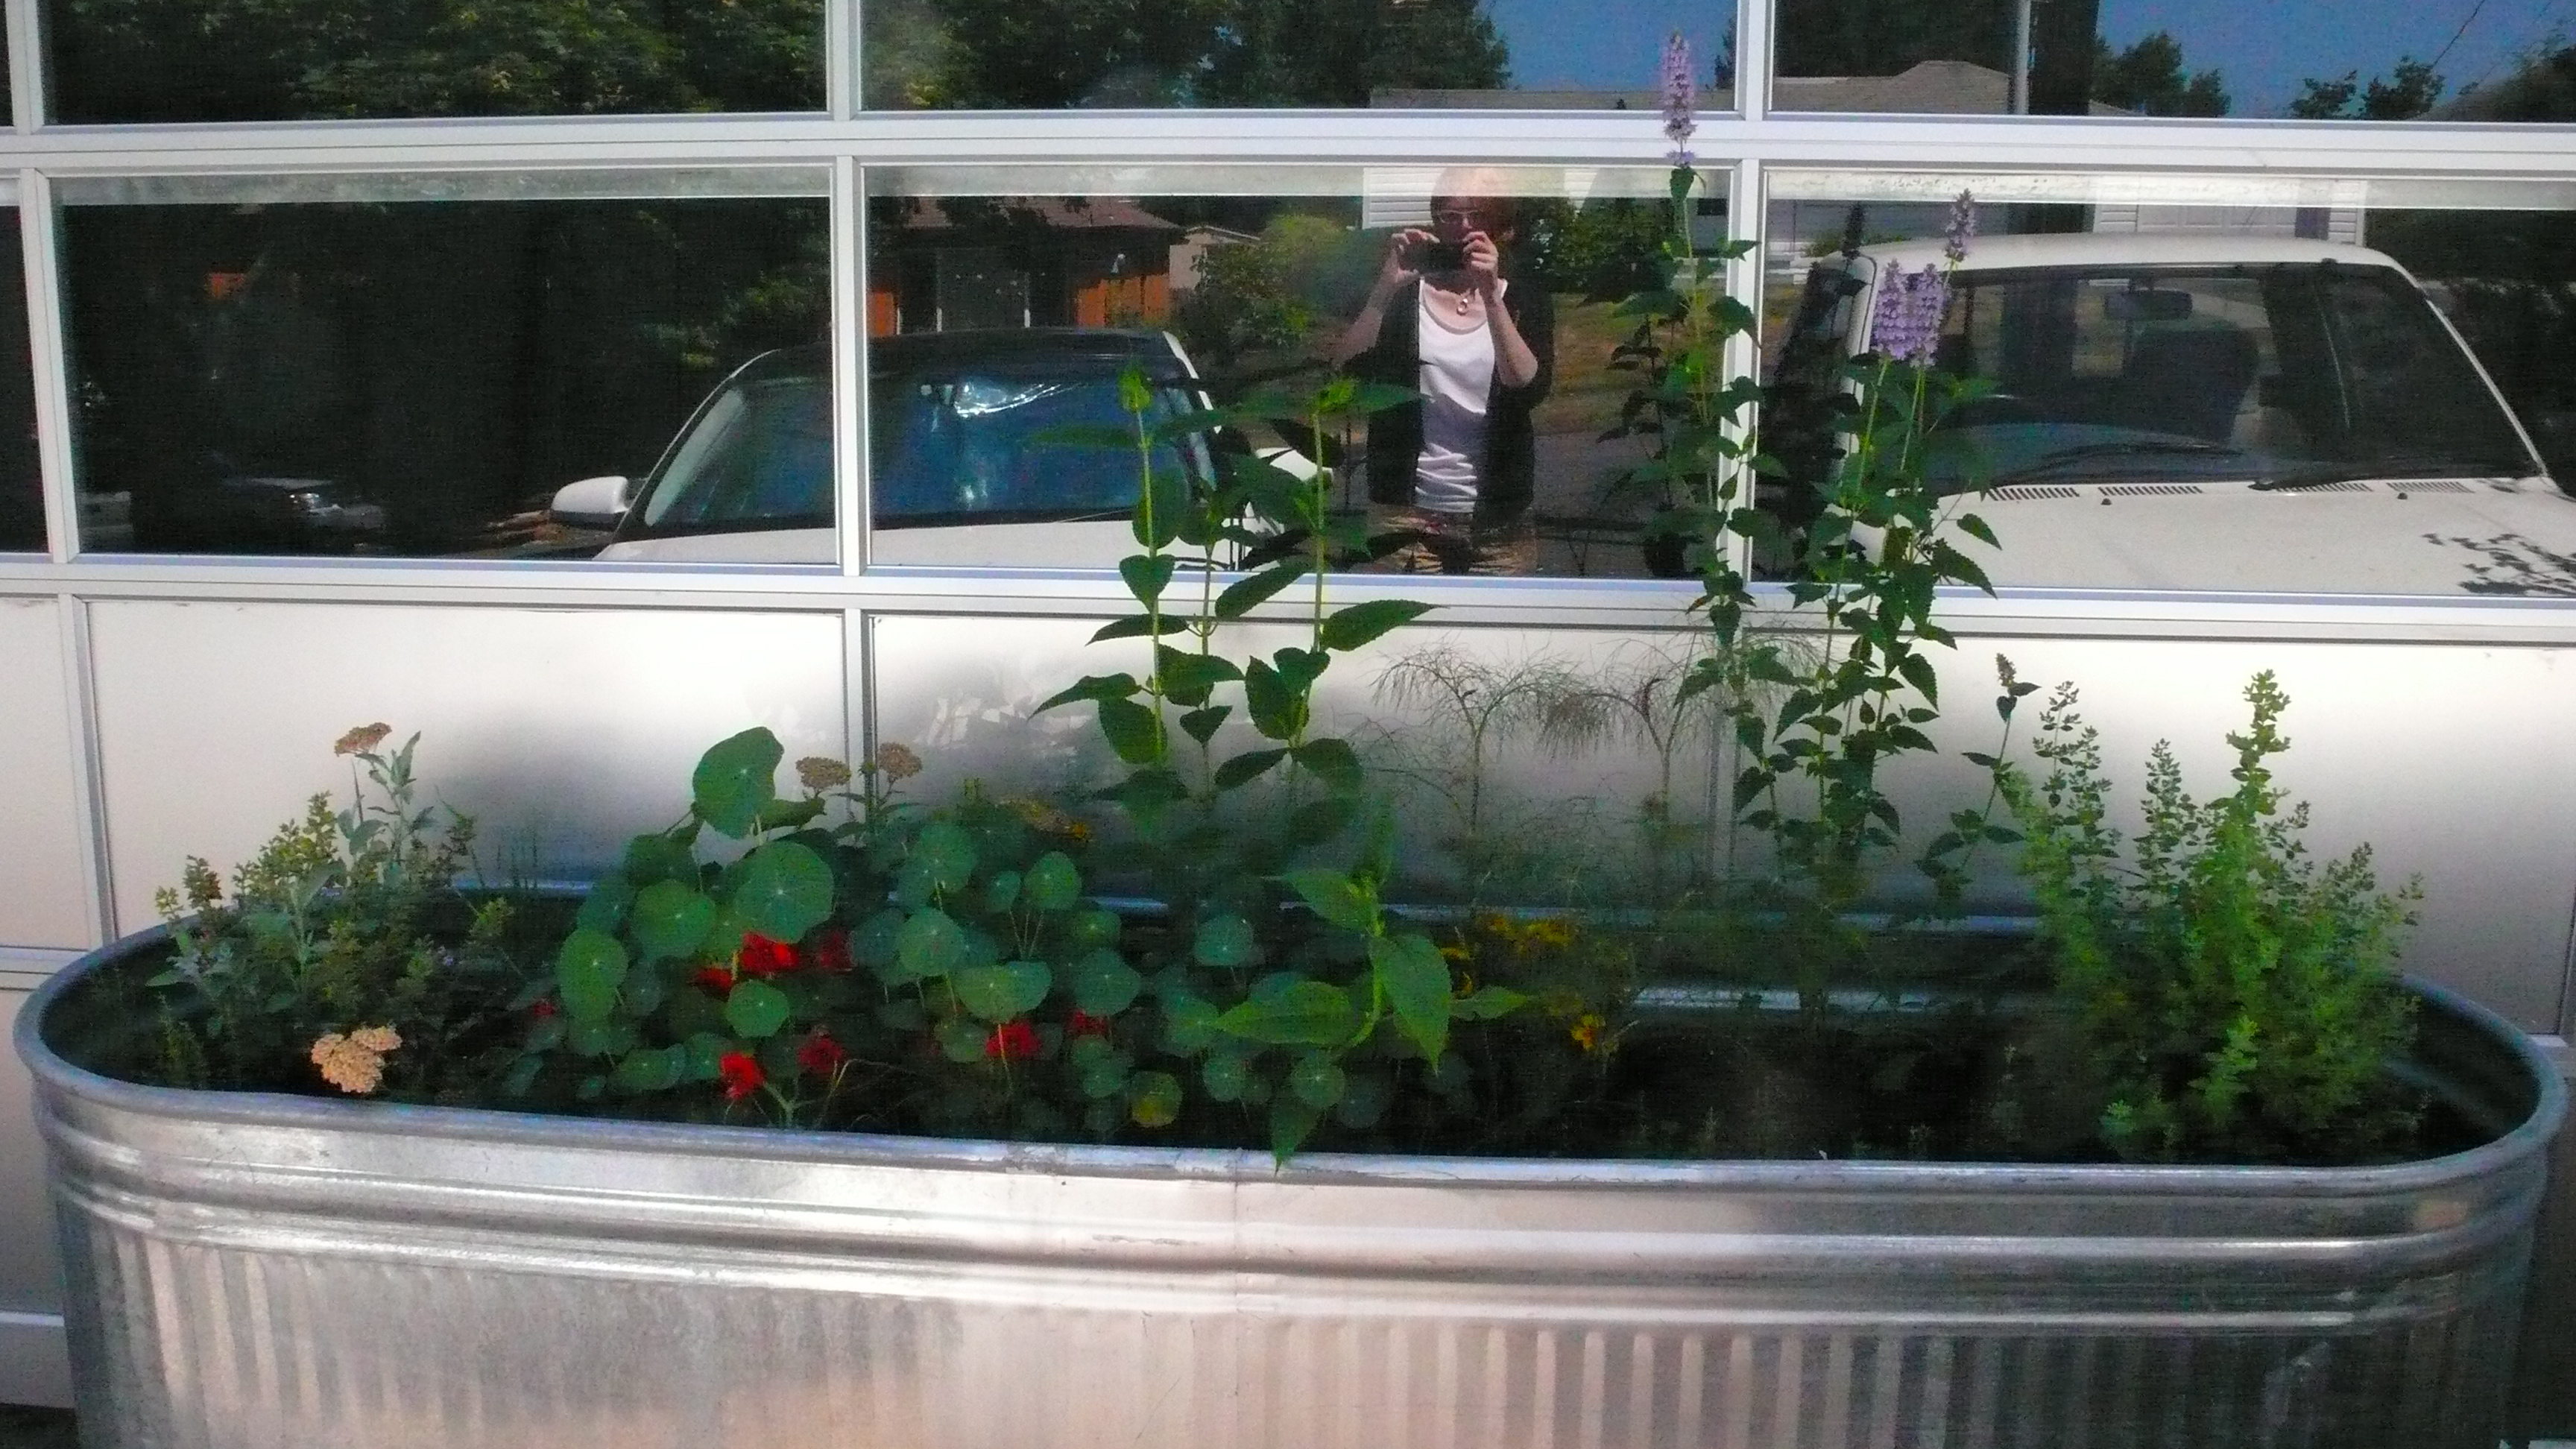 Kitchen Garden Trough A Kitchen And Garden In Portland A Herb Garden We Like To Cook